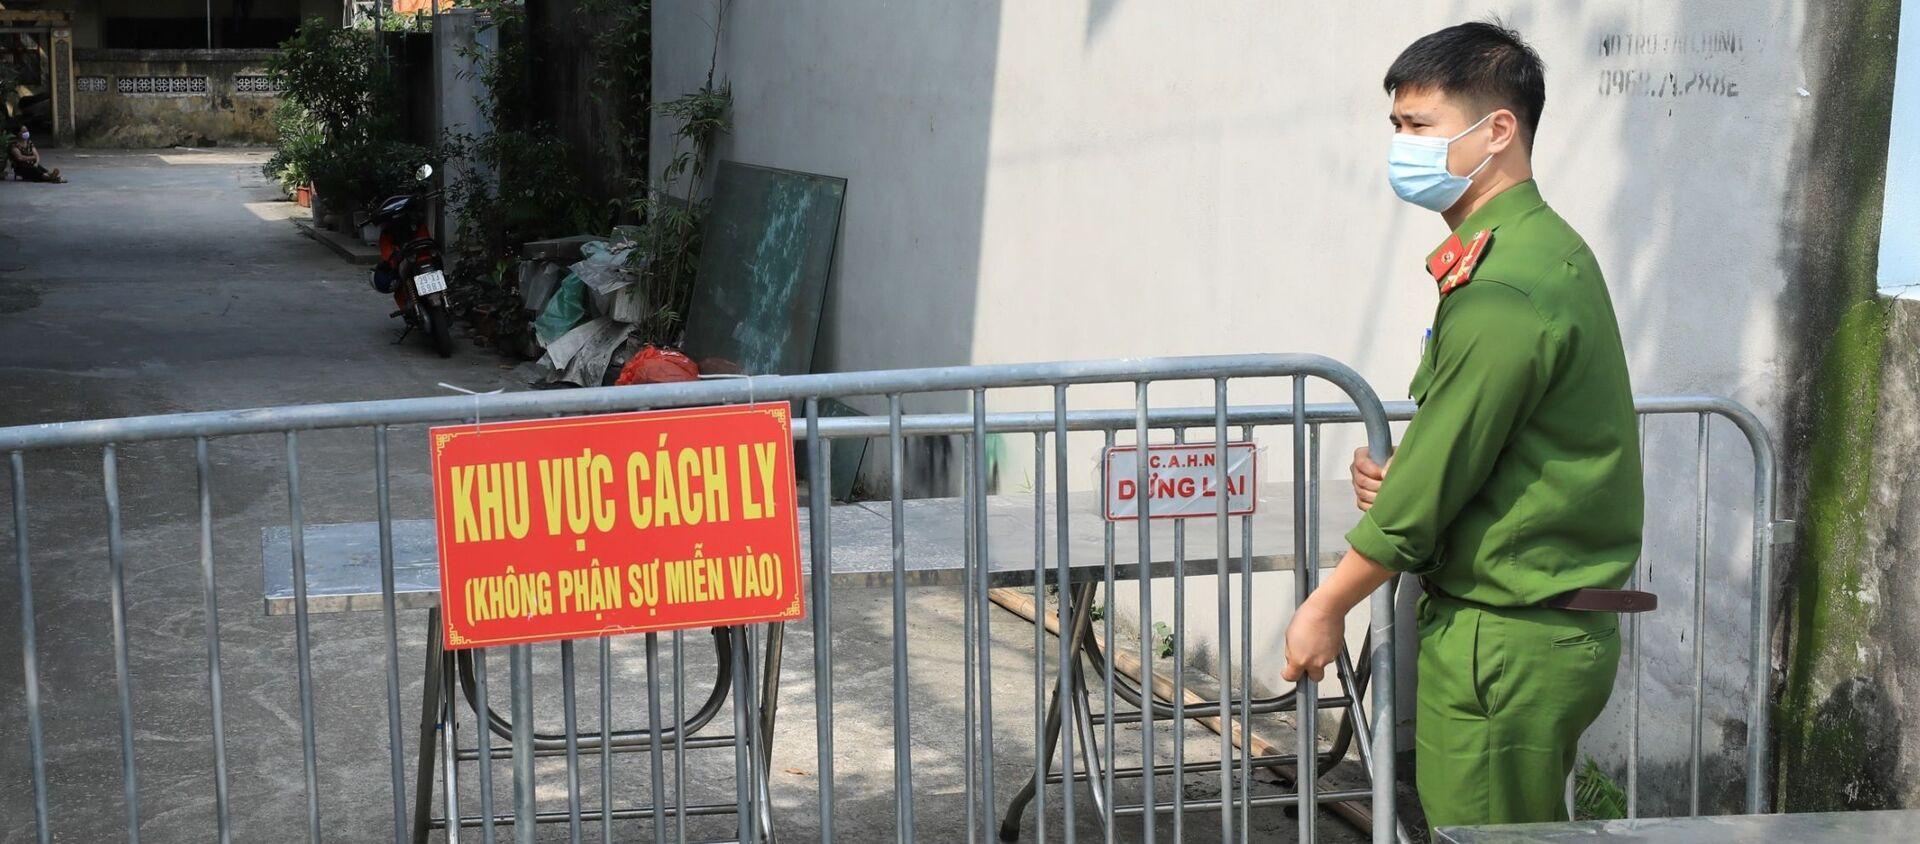 Lực lượng chức năng phong tỏa ngõ 83 đường Dục Nội (Đông Anh, Hà Nội) nơi ở của ca bệnh 2911 - Sputnik Việt Nam, 1920, 05.05.2021